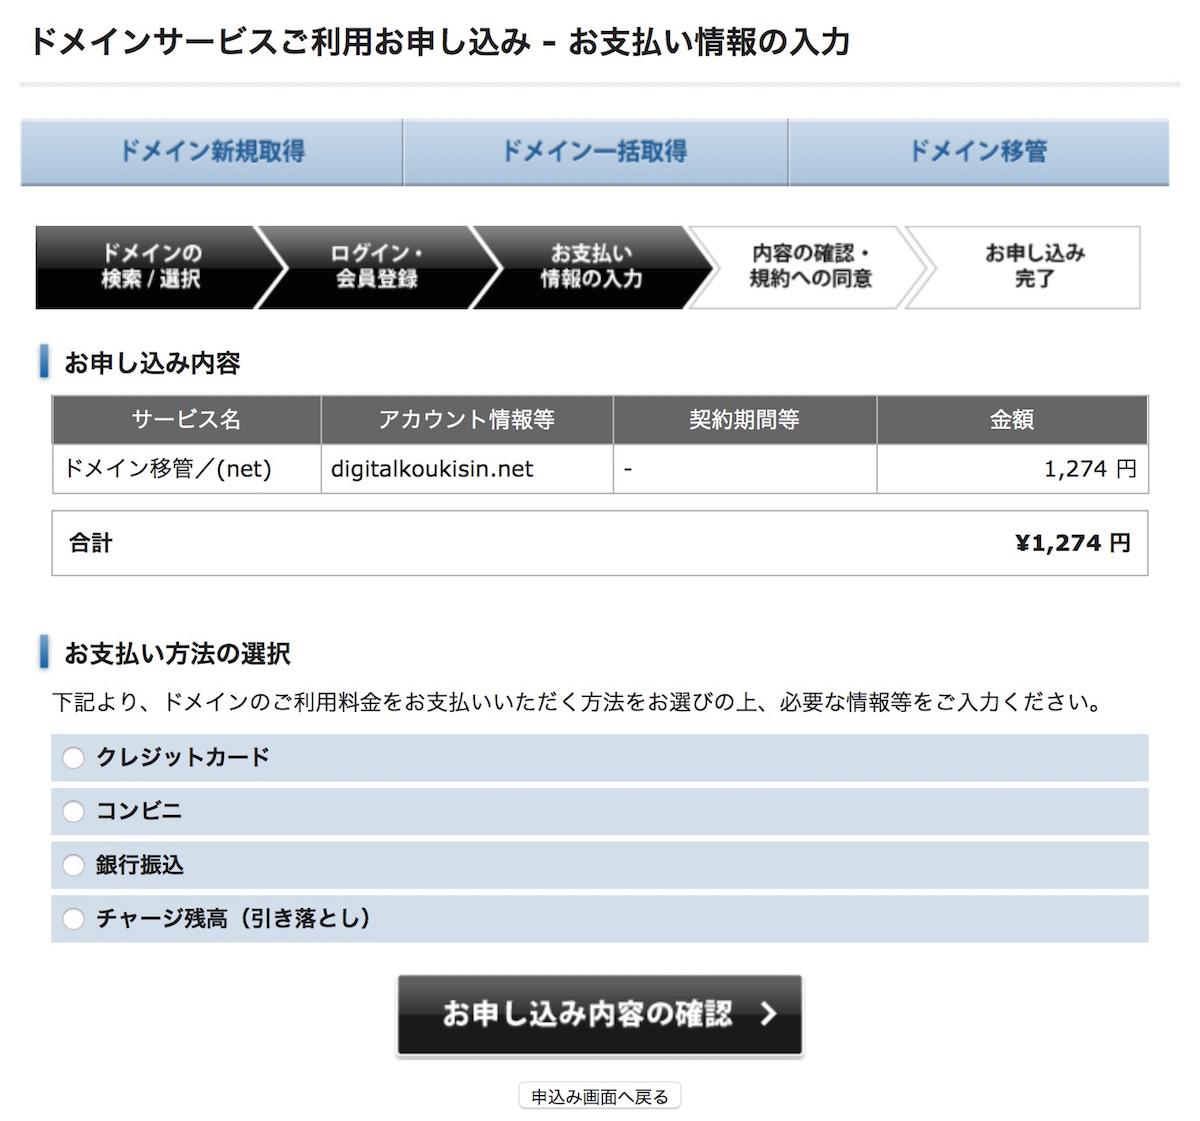 エックスドメイン支払い情報登録